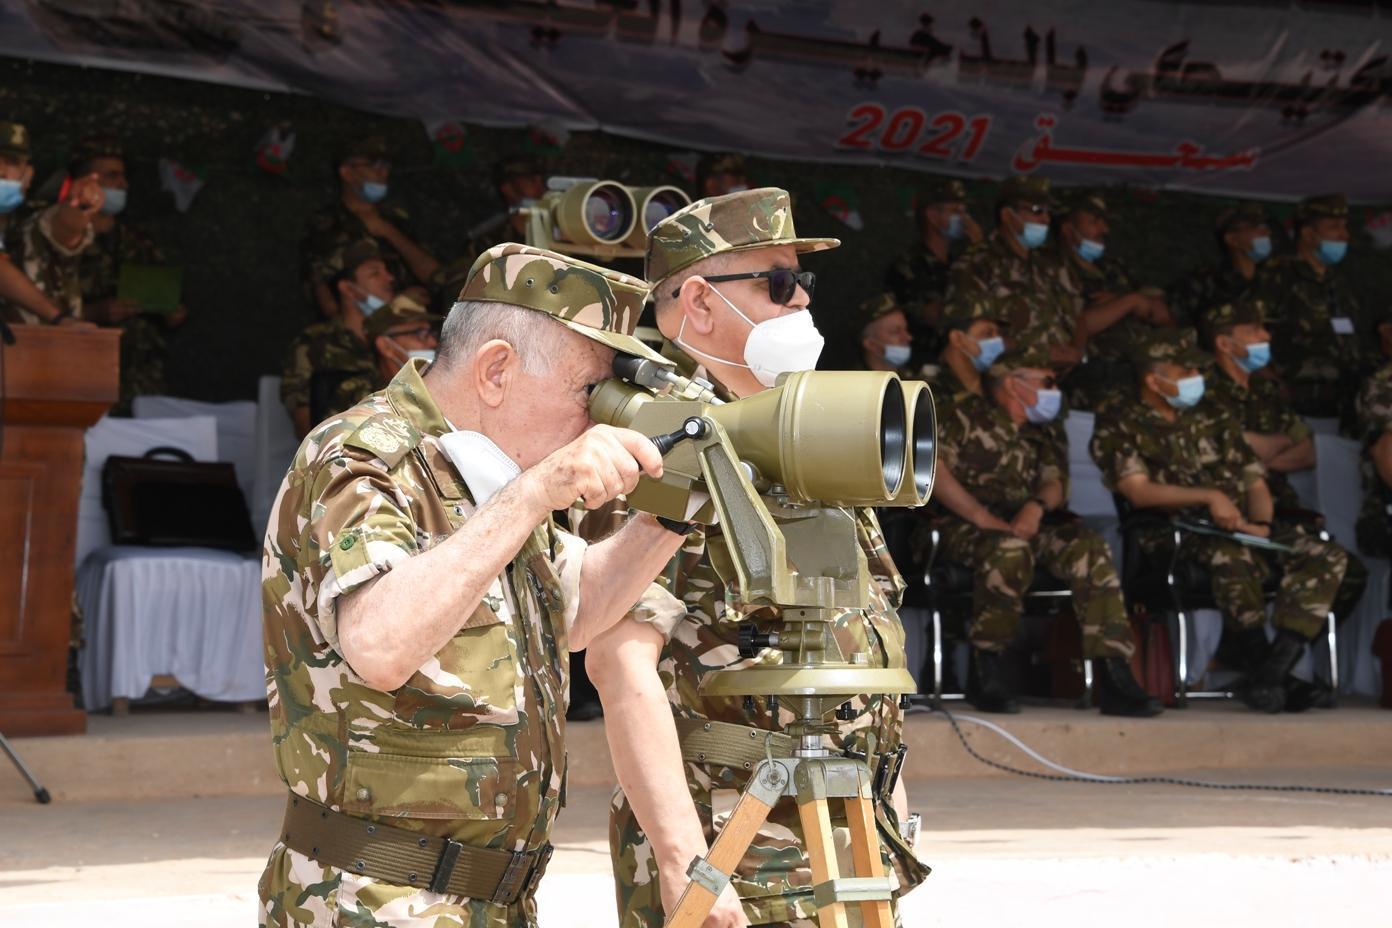 الفريق السعيد شنڨريحة يشرف على تنفيذ تمرين تكتيكي بالناحية العسكرية الأولى